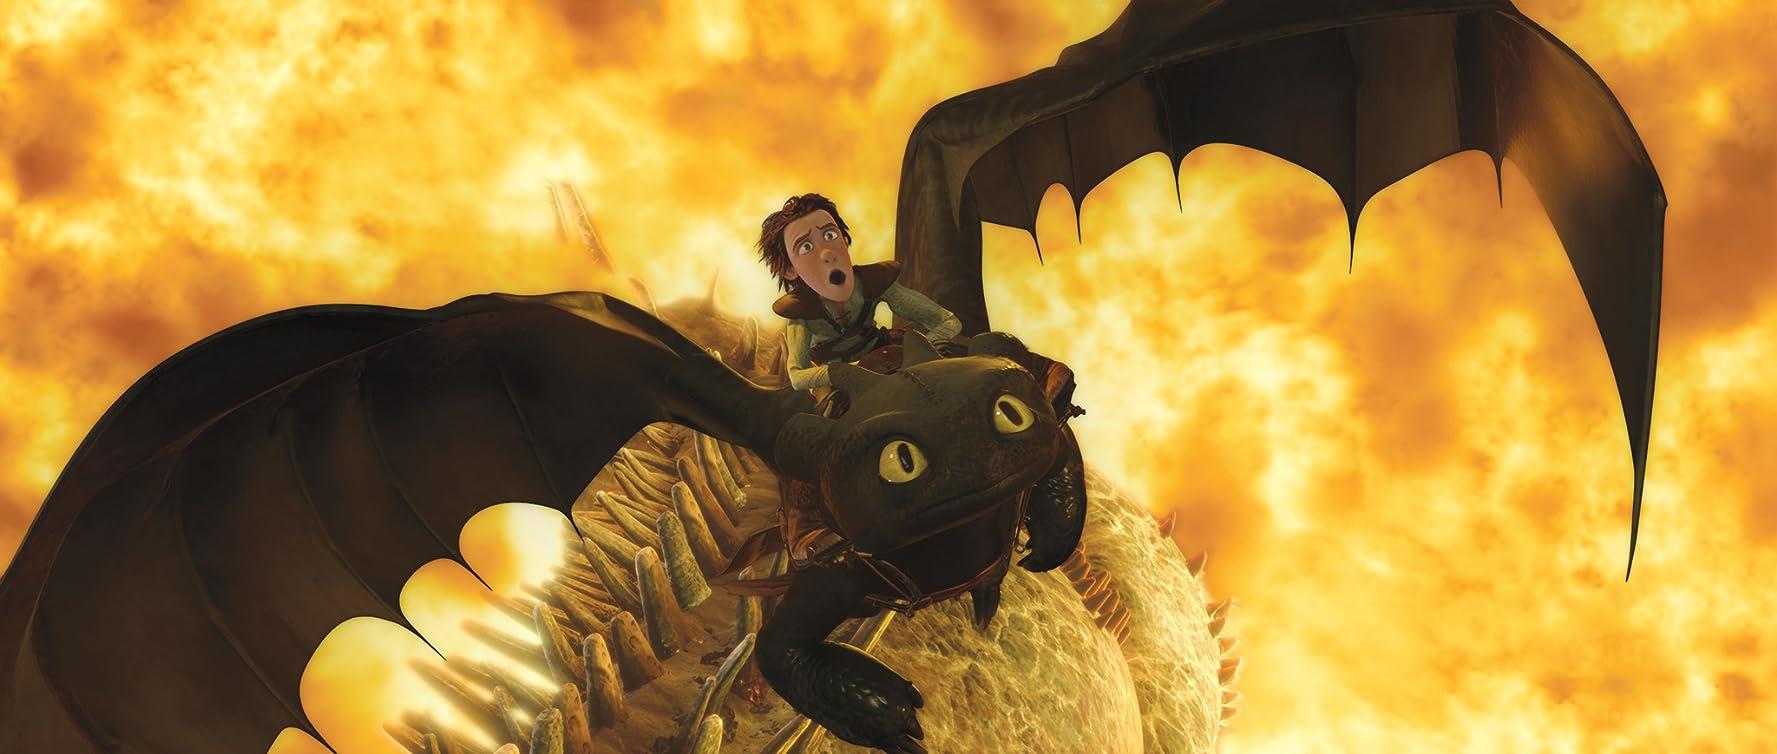 Na acht jaar te hebben gewacht was het tijd om How to Train Your Dragon te gaan kijken